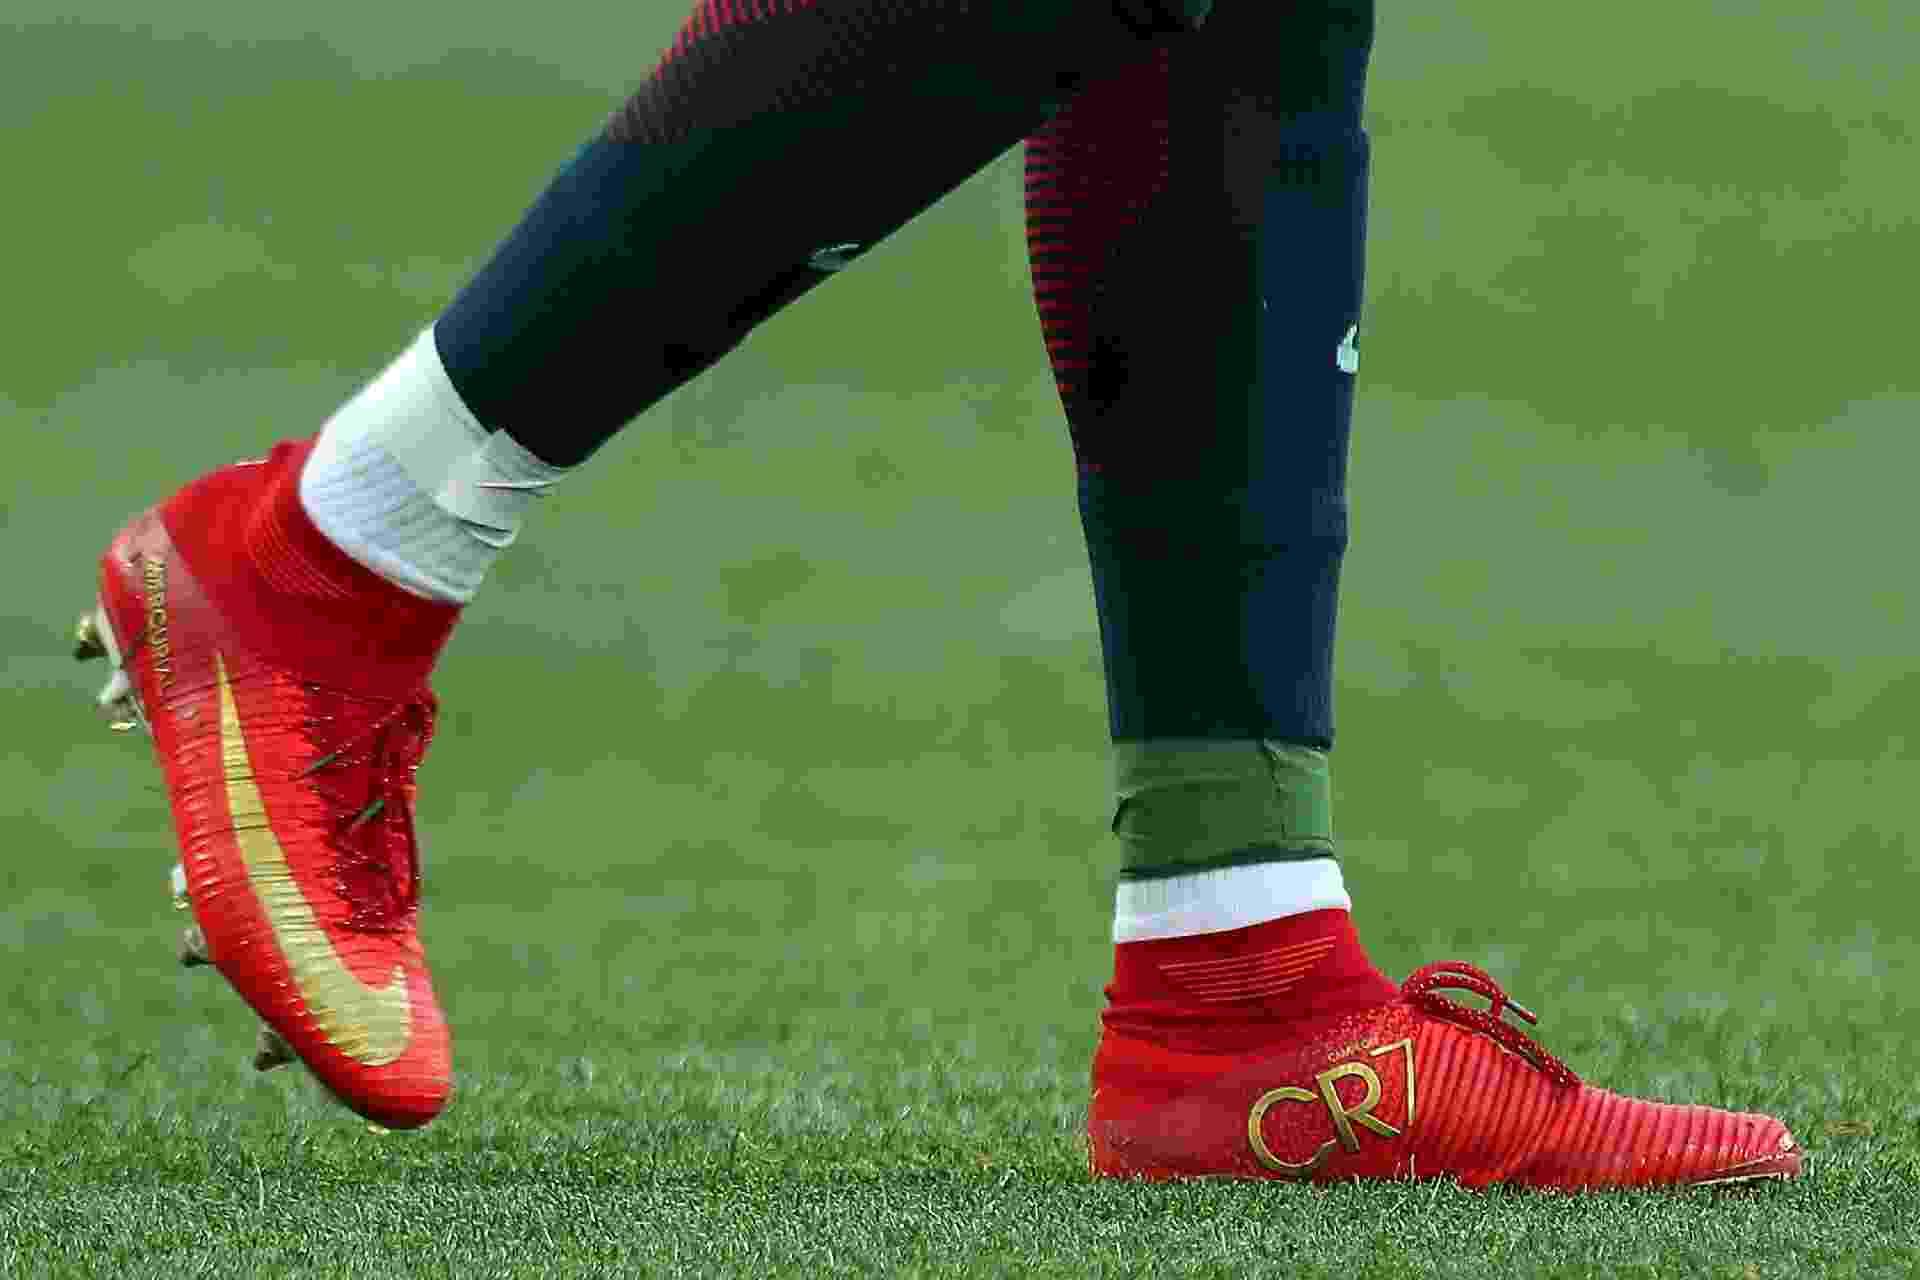 Chuteira de Cristiano Ronaldo utilizada na Copa das Confederações de 2017 - Robbie Jay Barratt - AMA/Getty Images